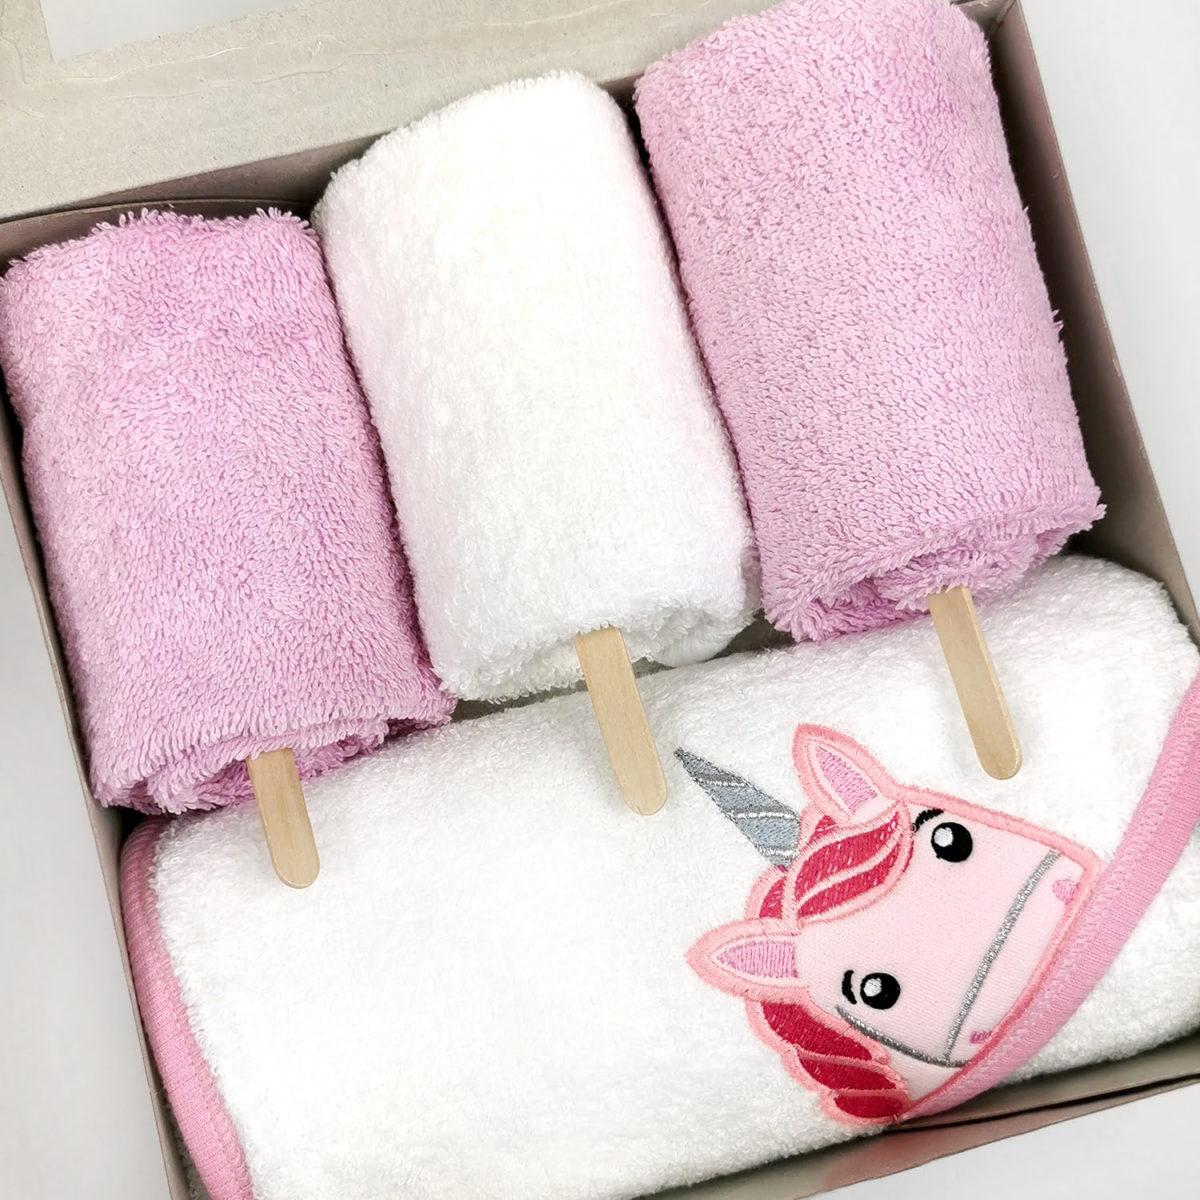 veliki ručnik ogrtač i 3 mala ručnika u setu